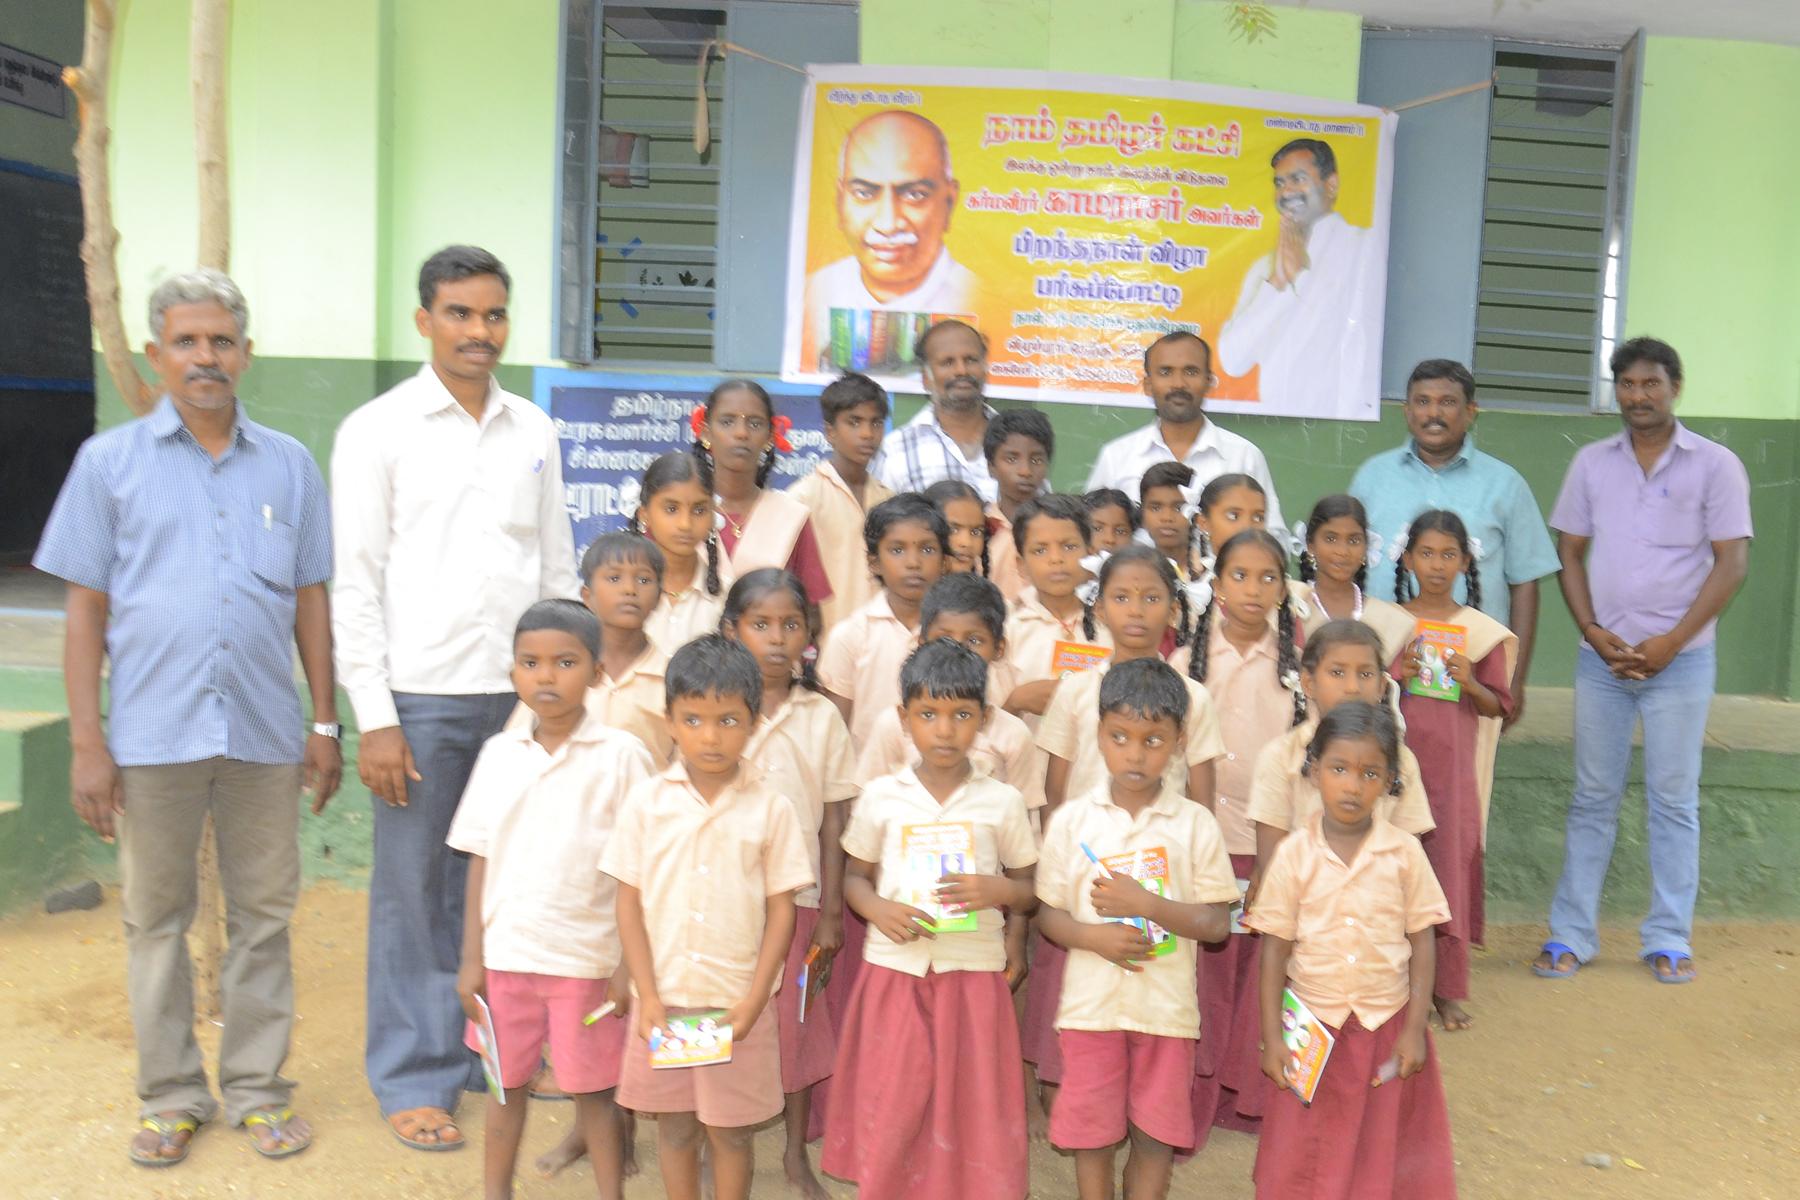 காமராசர் பிறந்த நாள் விழா போட்டிகள் கள்ளக்குறிச்சி அரசுப்பள்ளியில் நடந்தது. DSC5532